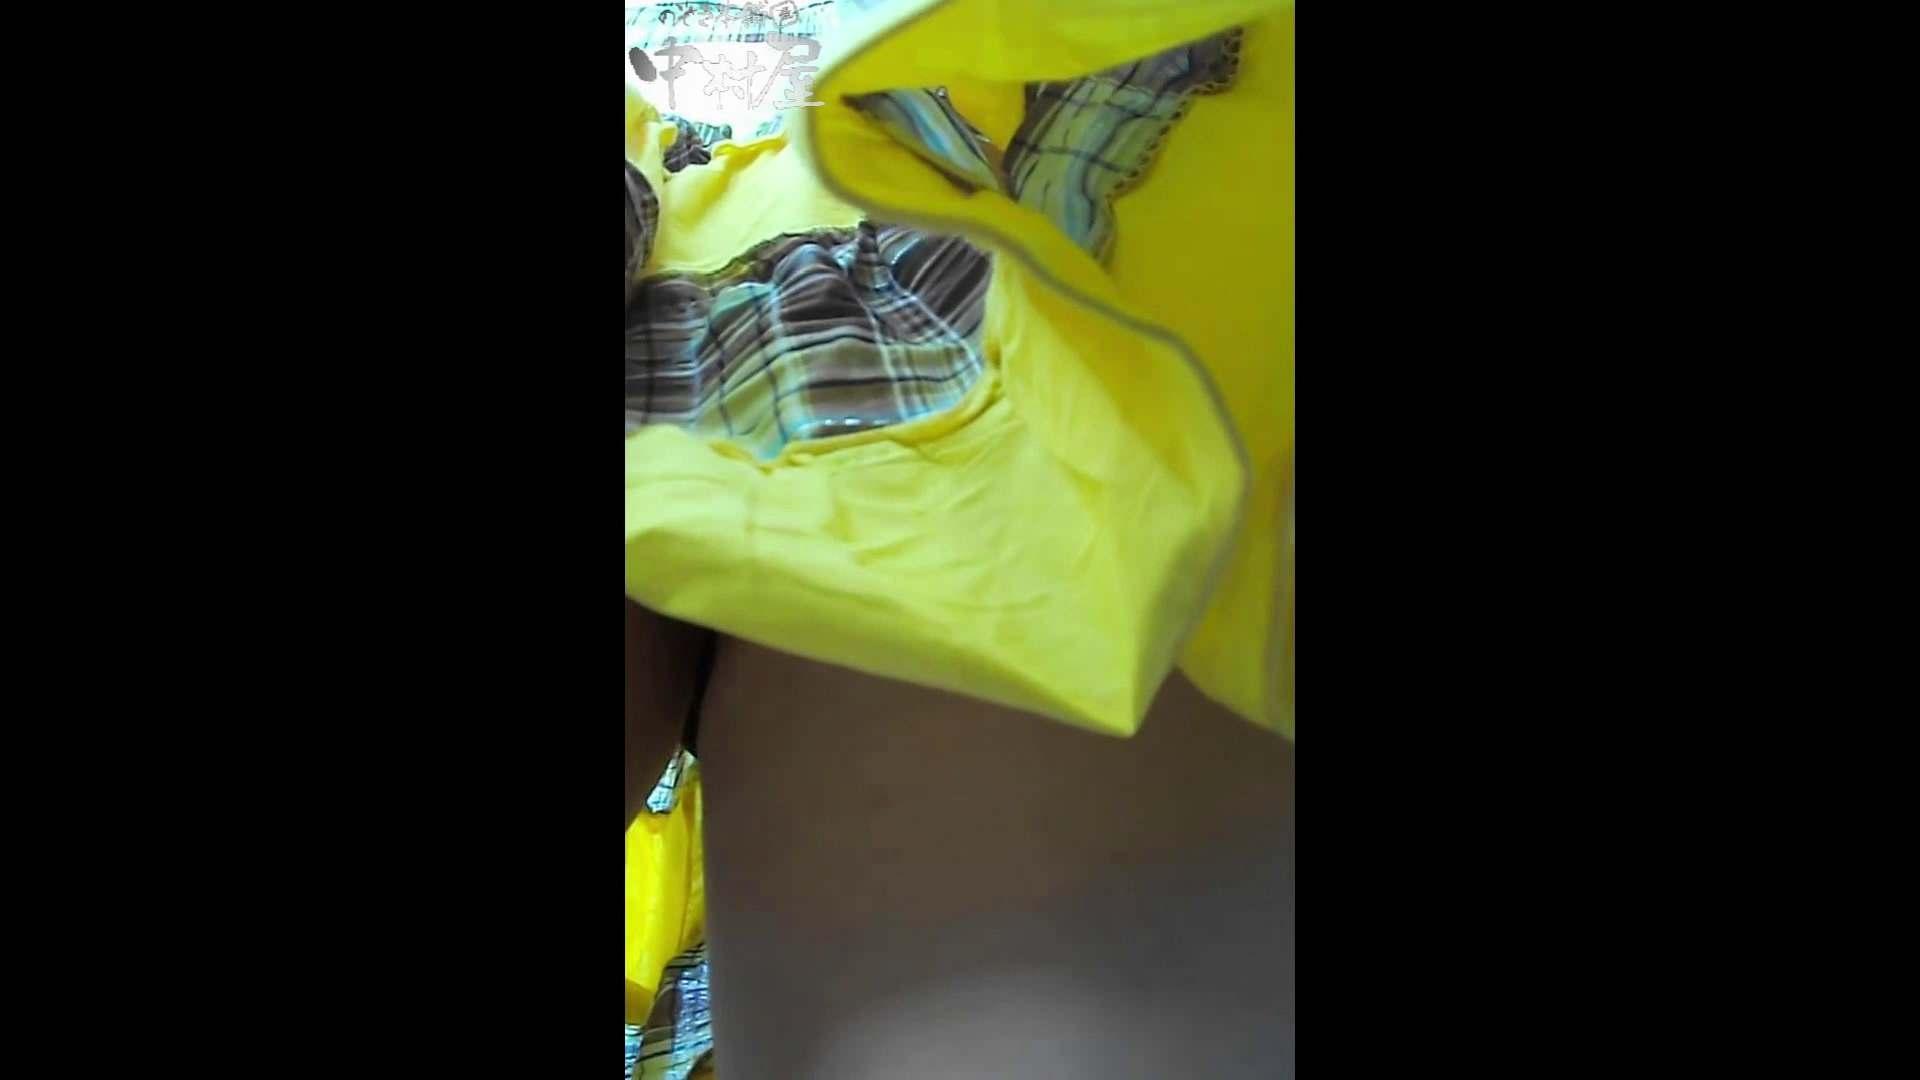 綺麗なモデルさんのスカート捲っちゃおう‼ vol07 OLのエロ生活   モデルのエロ生活  66連発 1